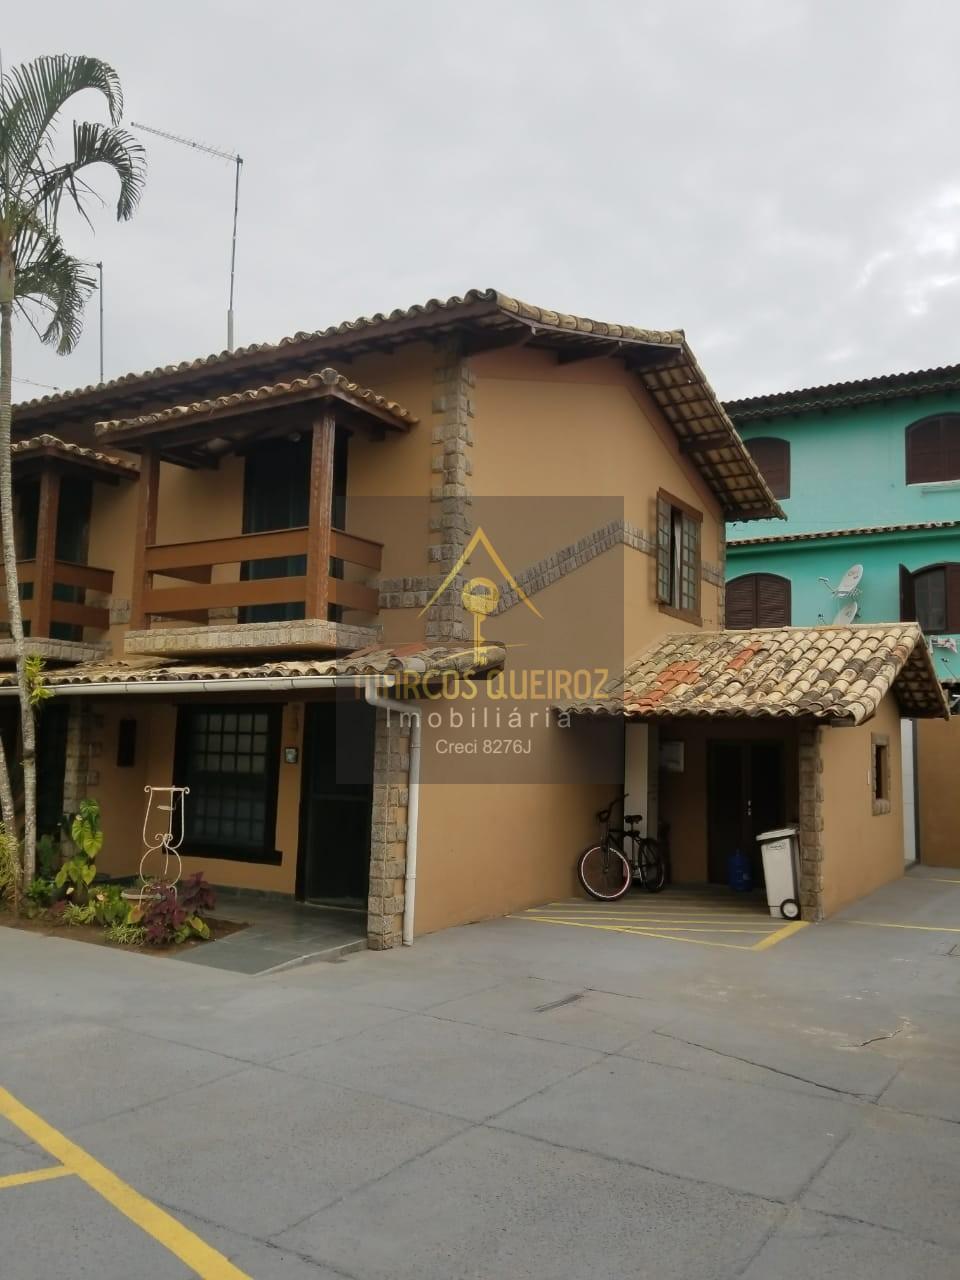 Cod: F94 Casa em condominio próximo a Praça do Moinho – Aluguel fixo